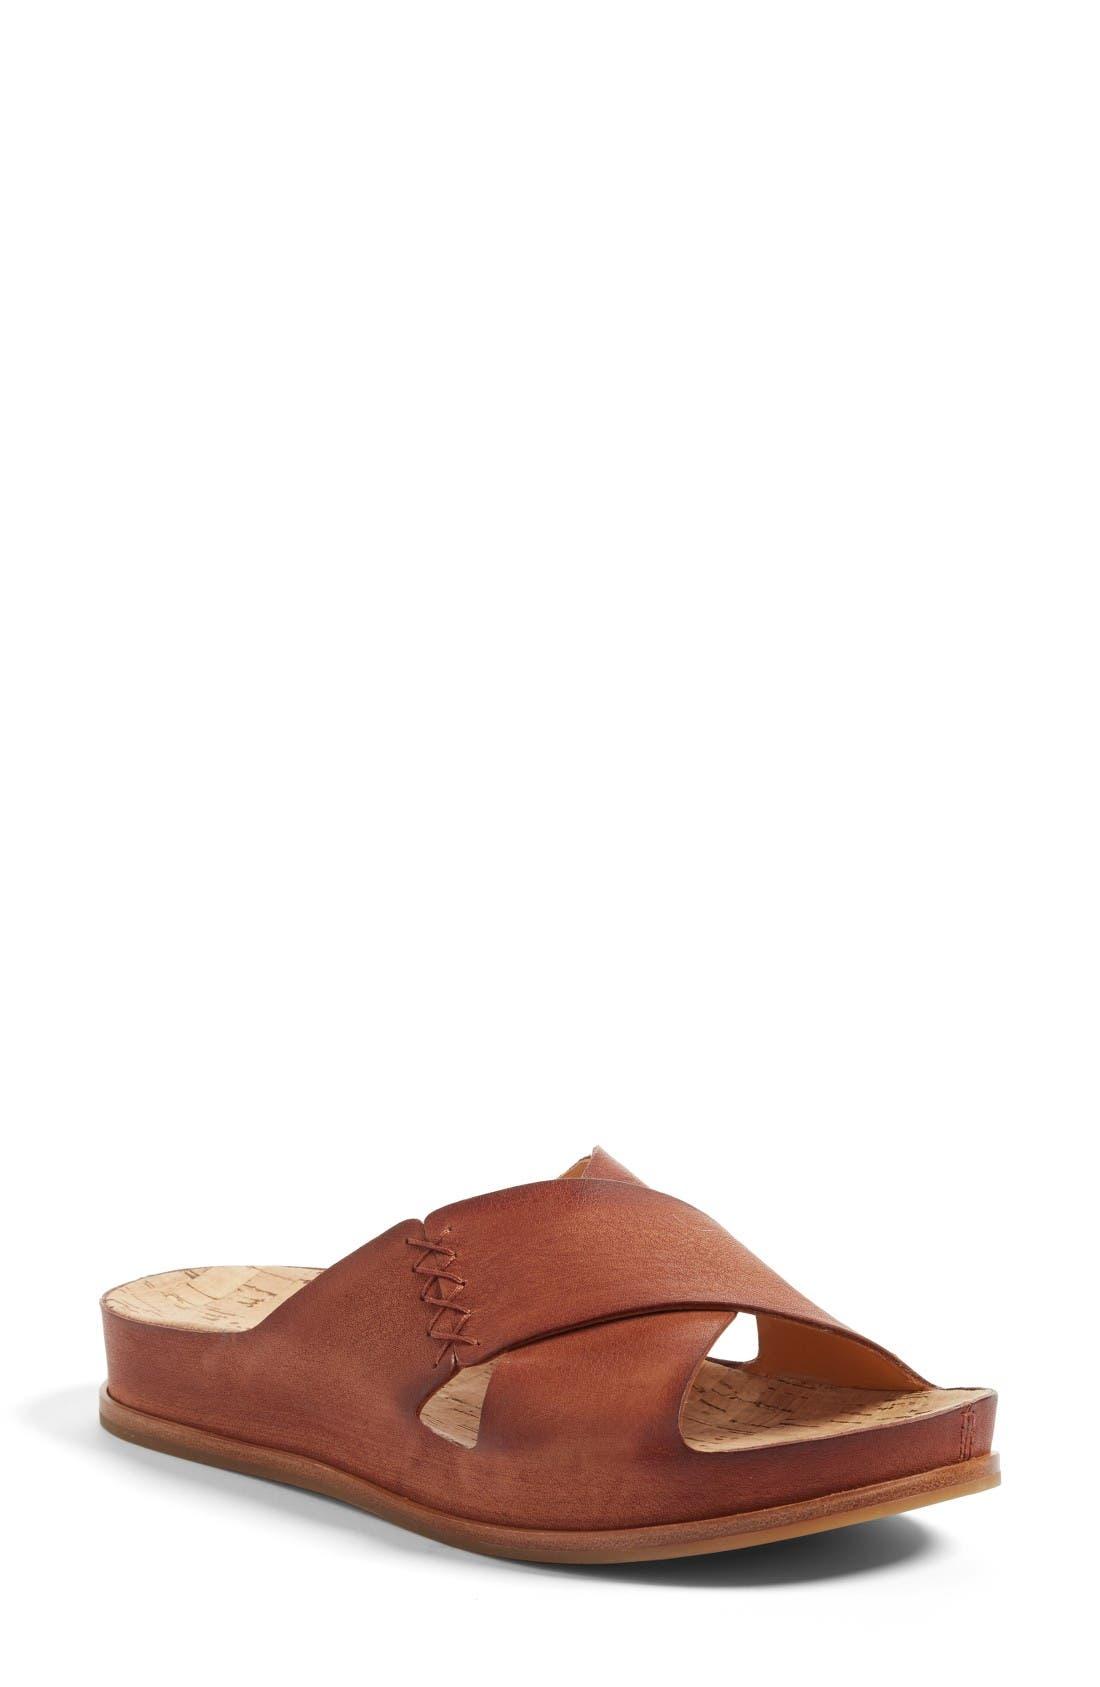 Alternate Image 1 Selected - Kork-Ease® Amboy Slide Sandal (Women)